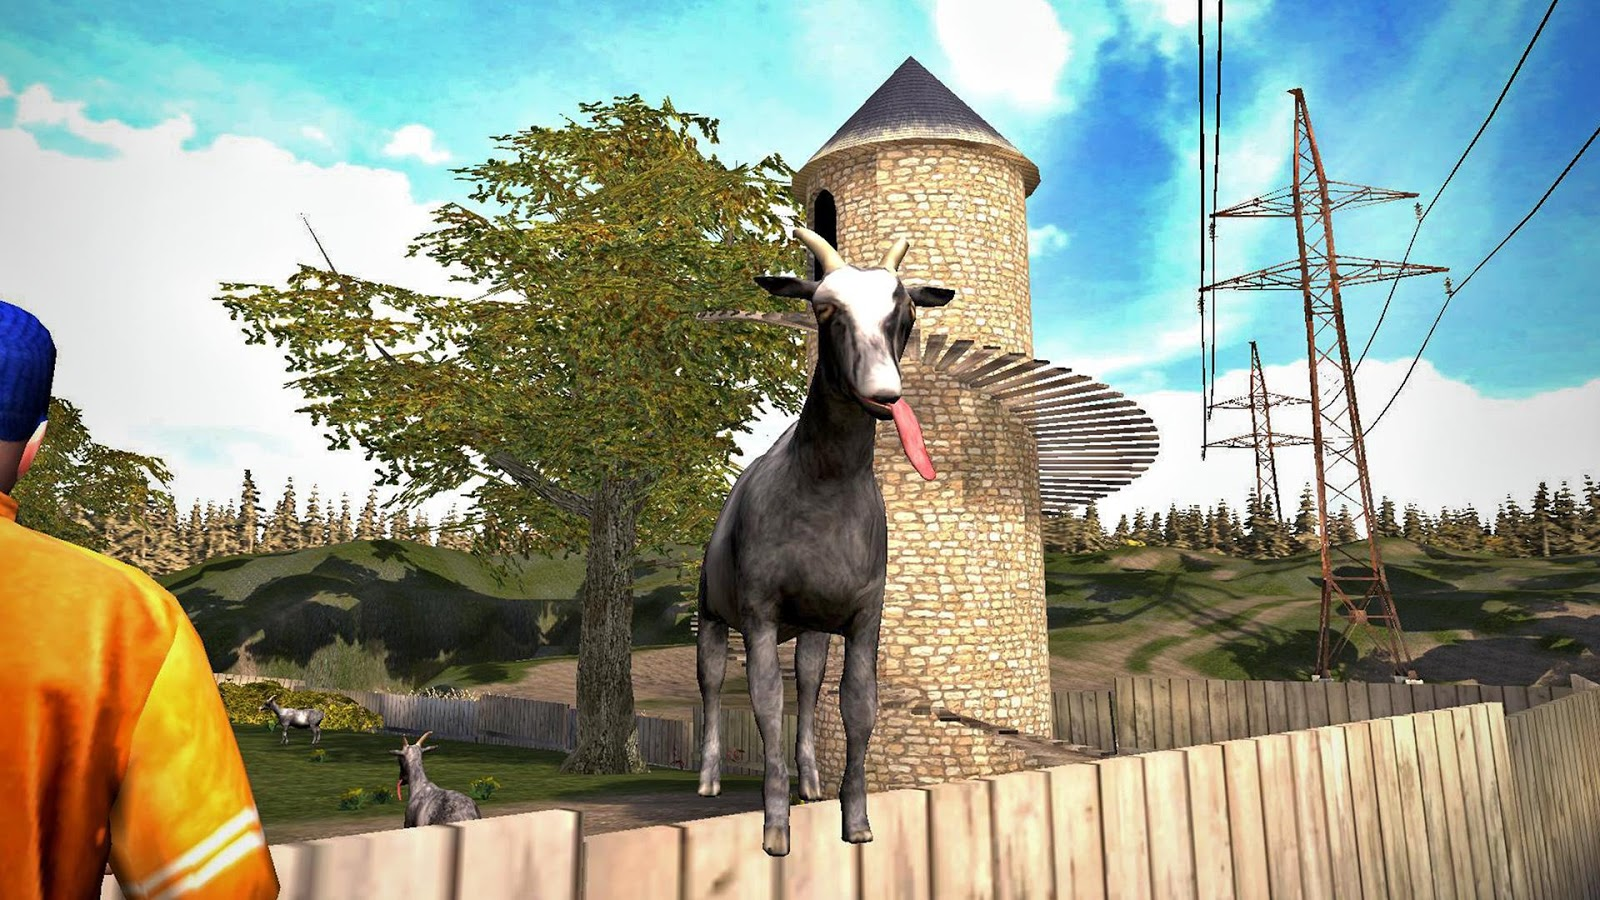 8. Премия «Лучшее применение сельской живности» - Goat Simulator.